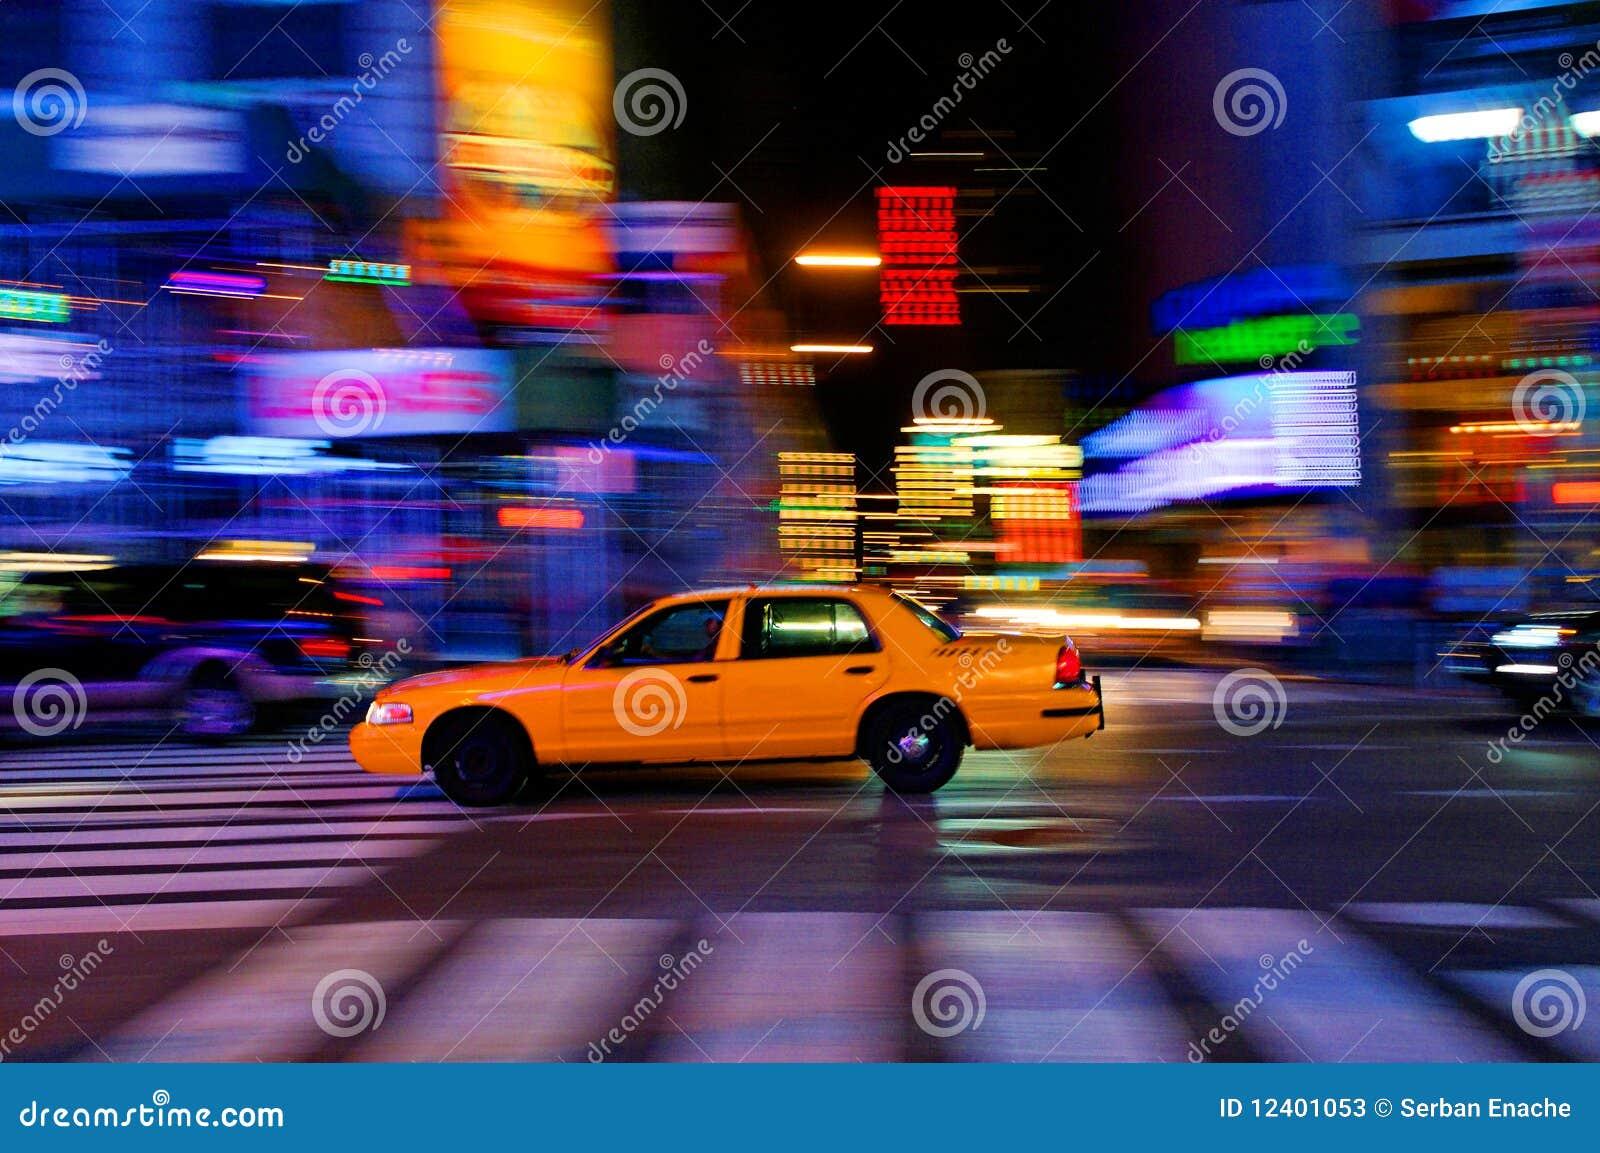 Taxicab on city street